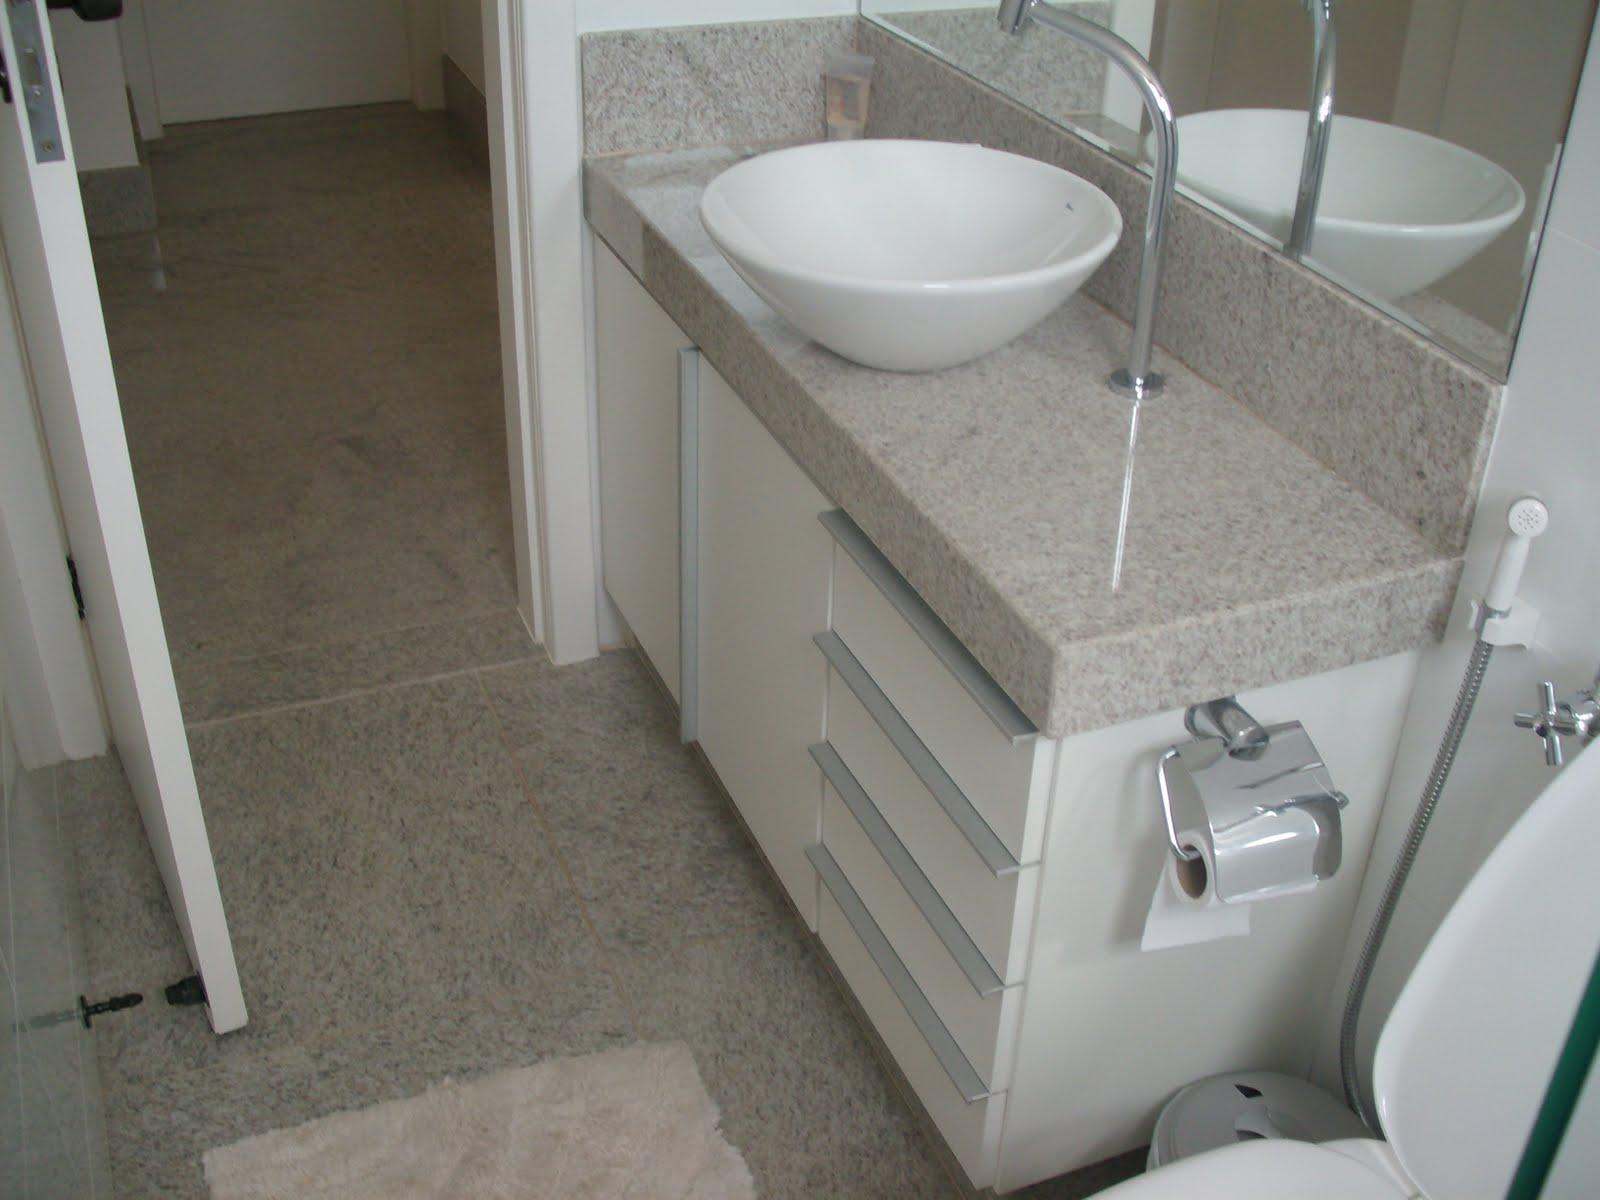 móveis planejados maderguil@yahoo.com.br: armários de banheiro #464235 1600x1200 Banheiro Armario Planejado